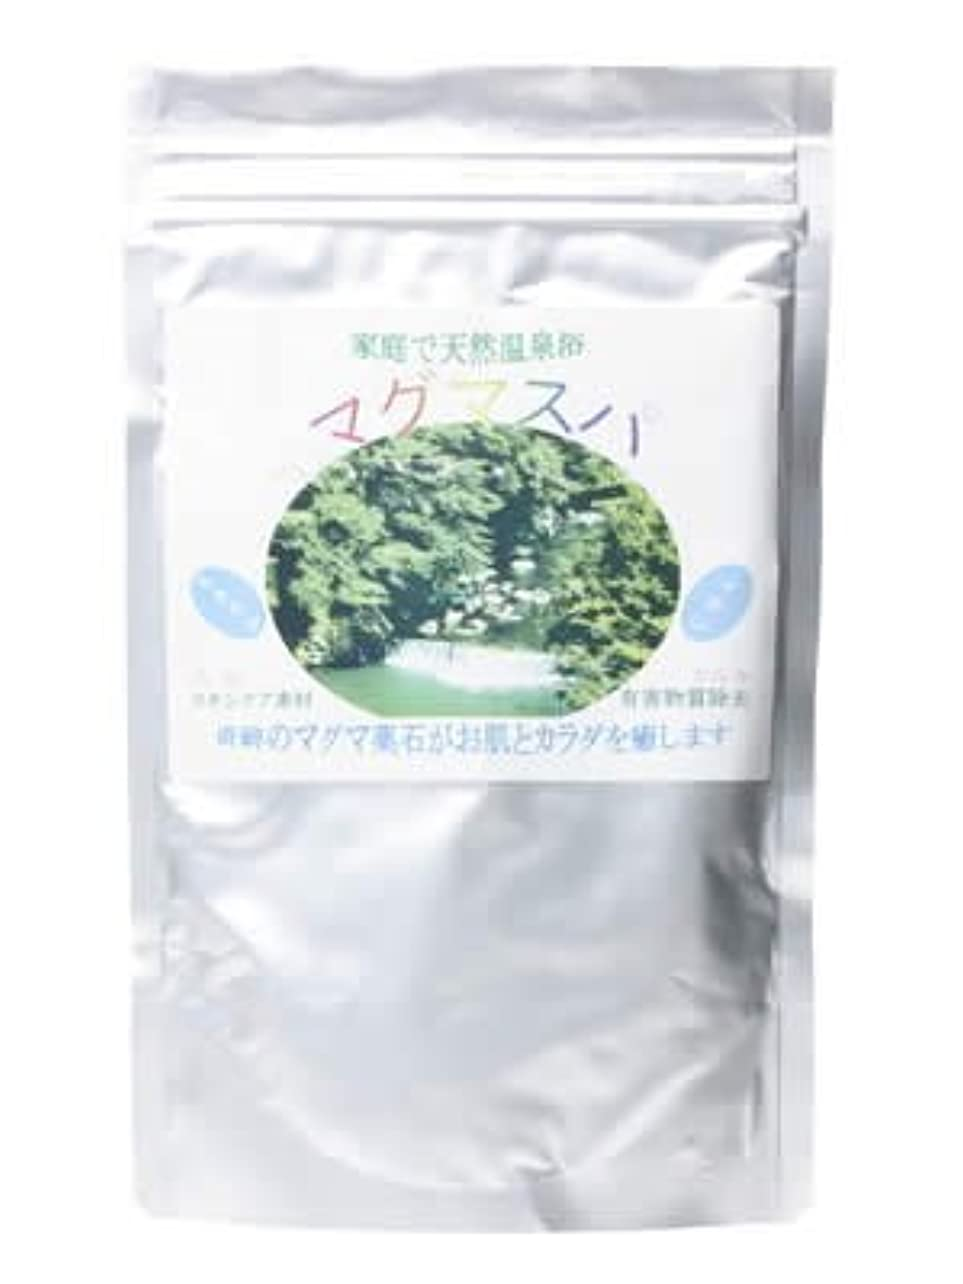 固体優しい音楽天然薬石入浴剤マグマスパ 360g